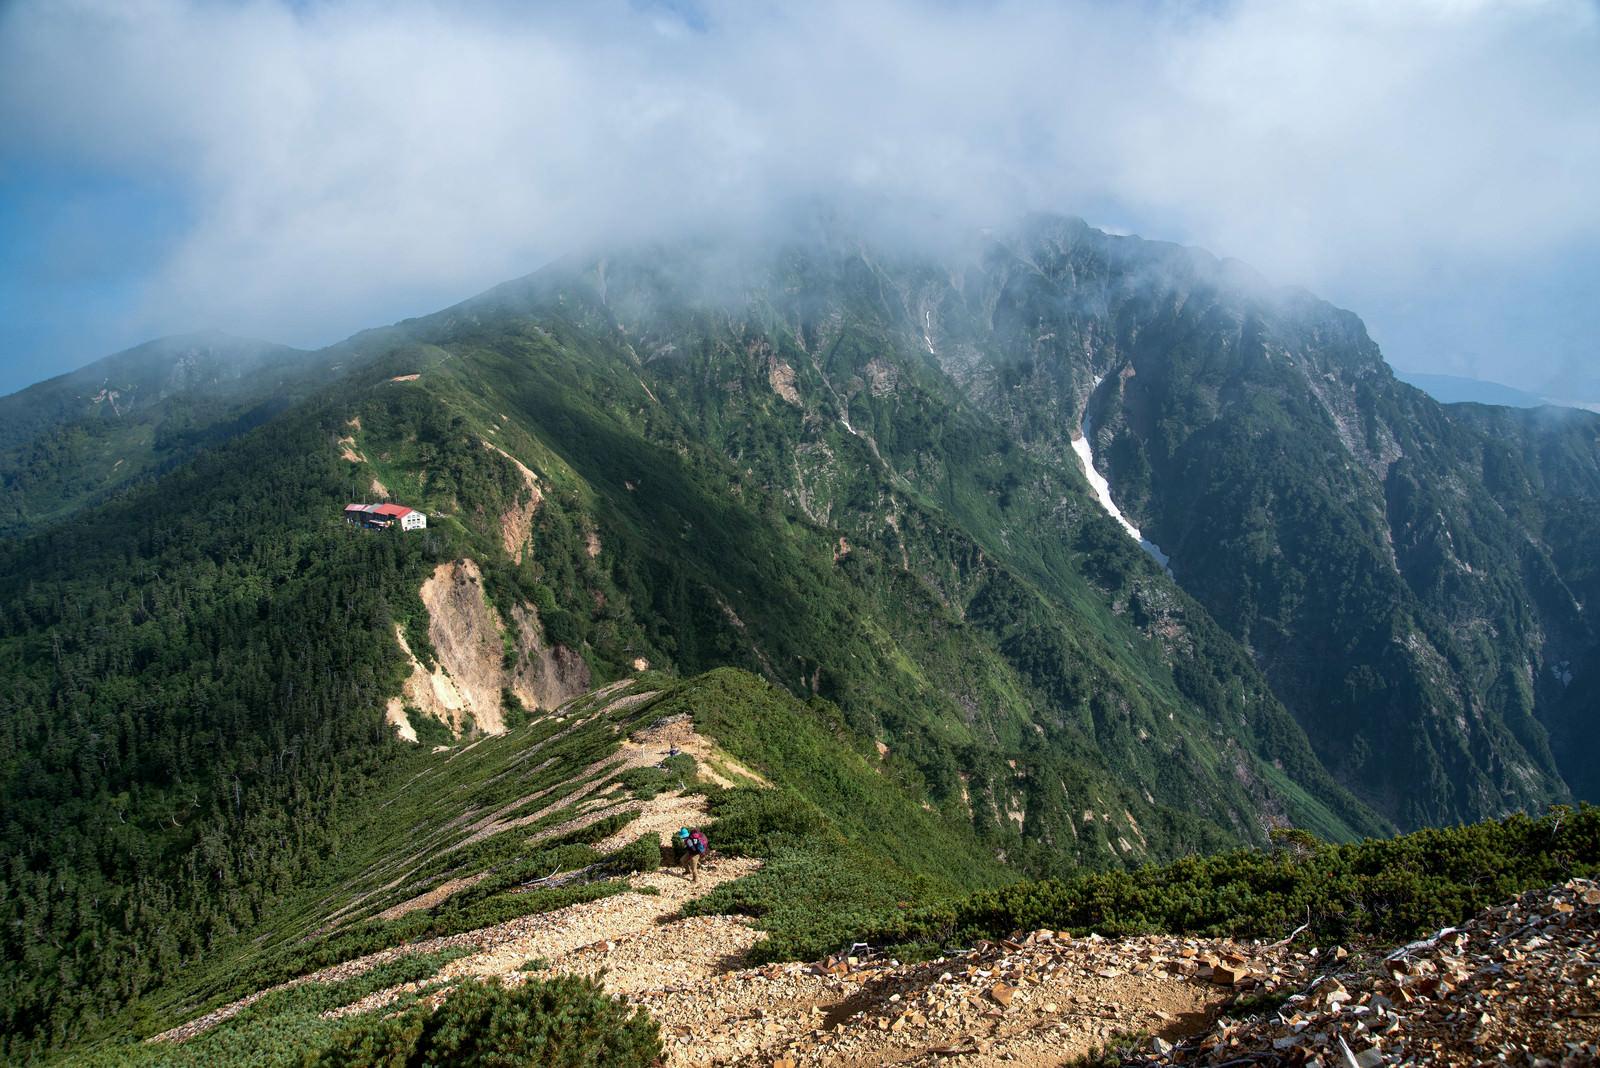 「山荘を後にする登山者」の写真